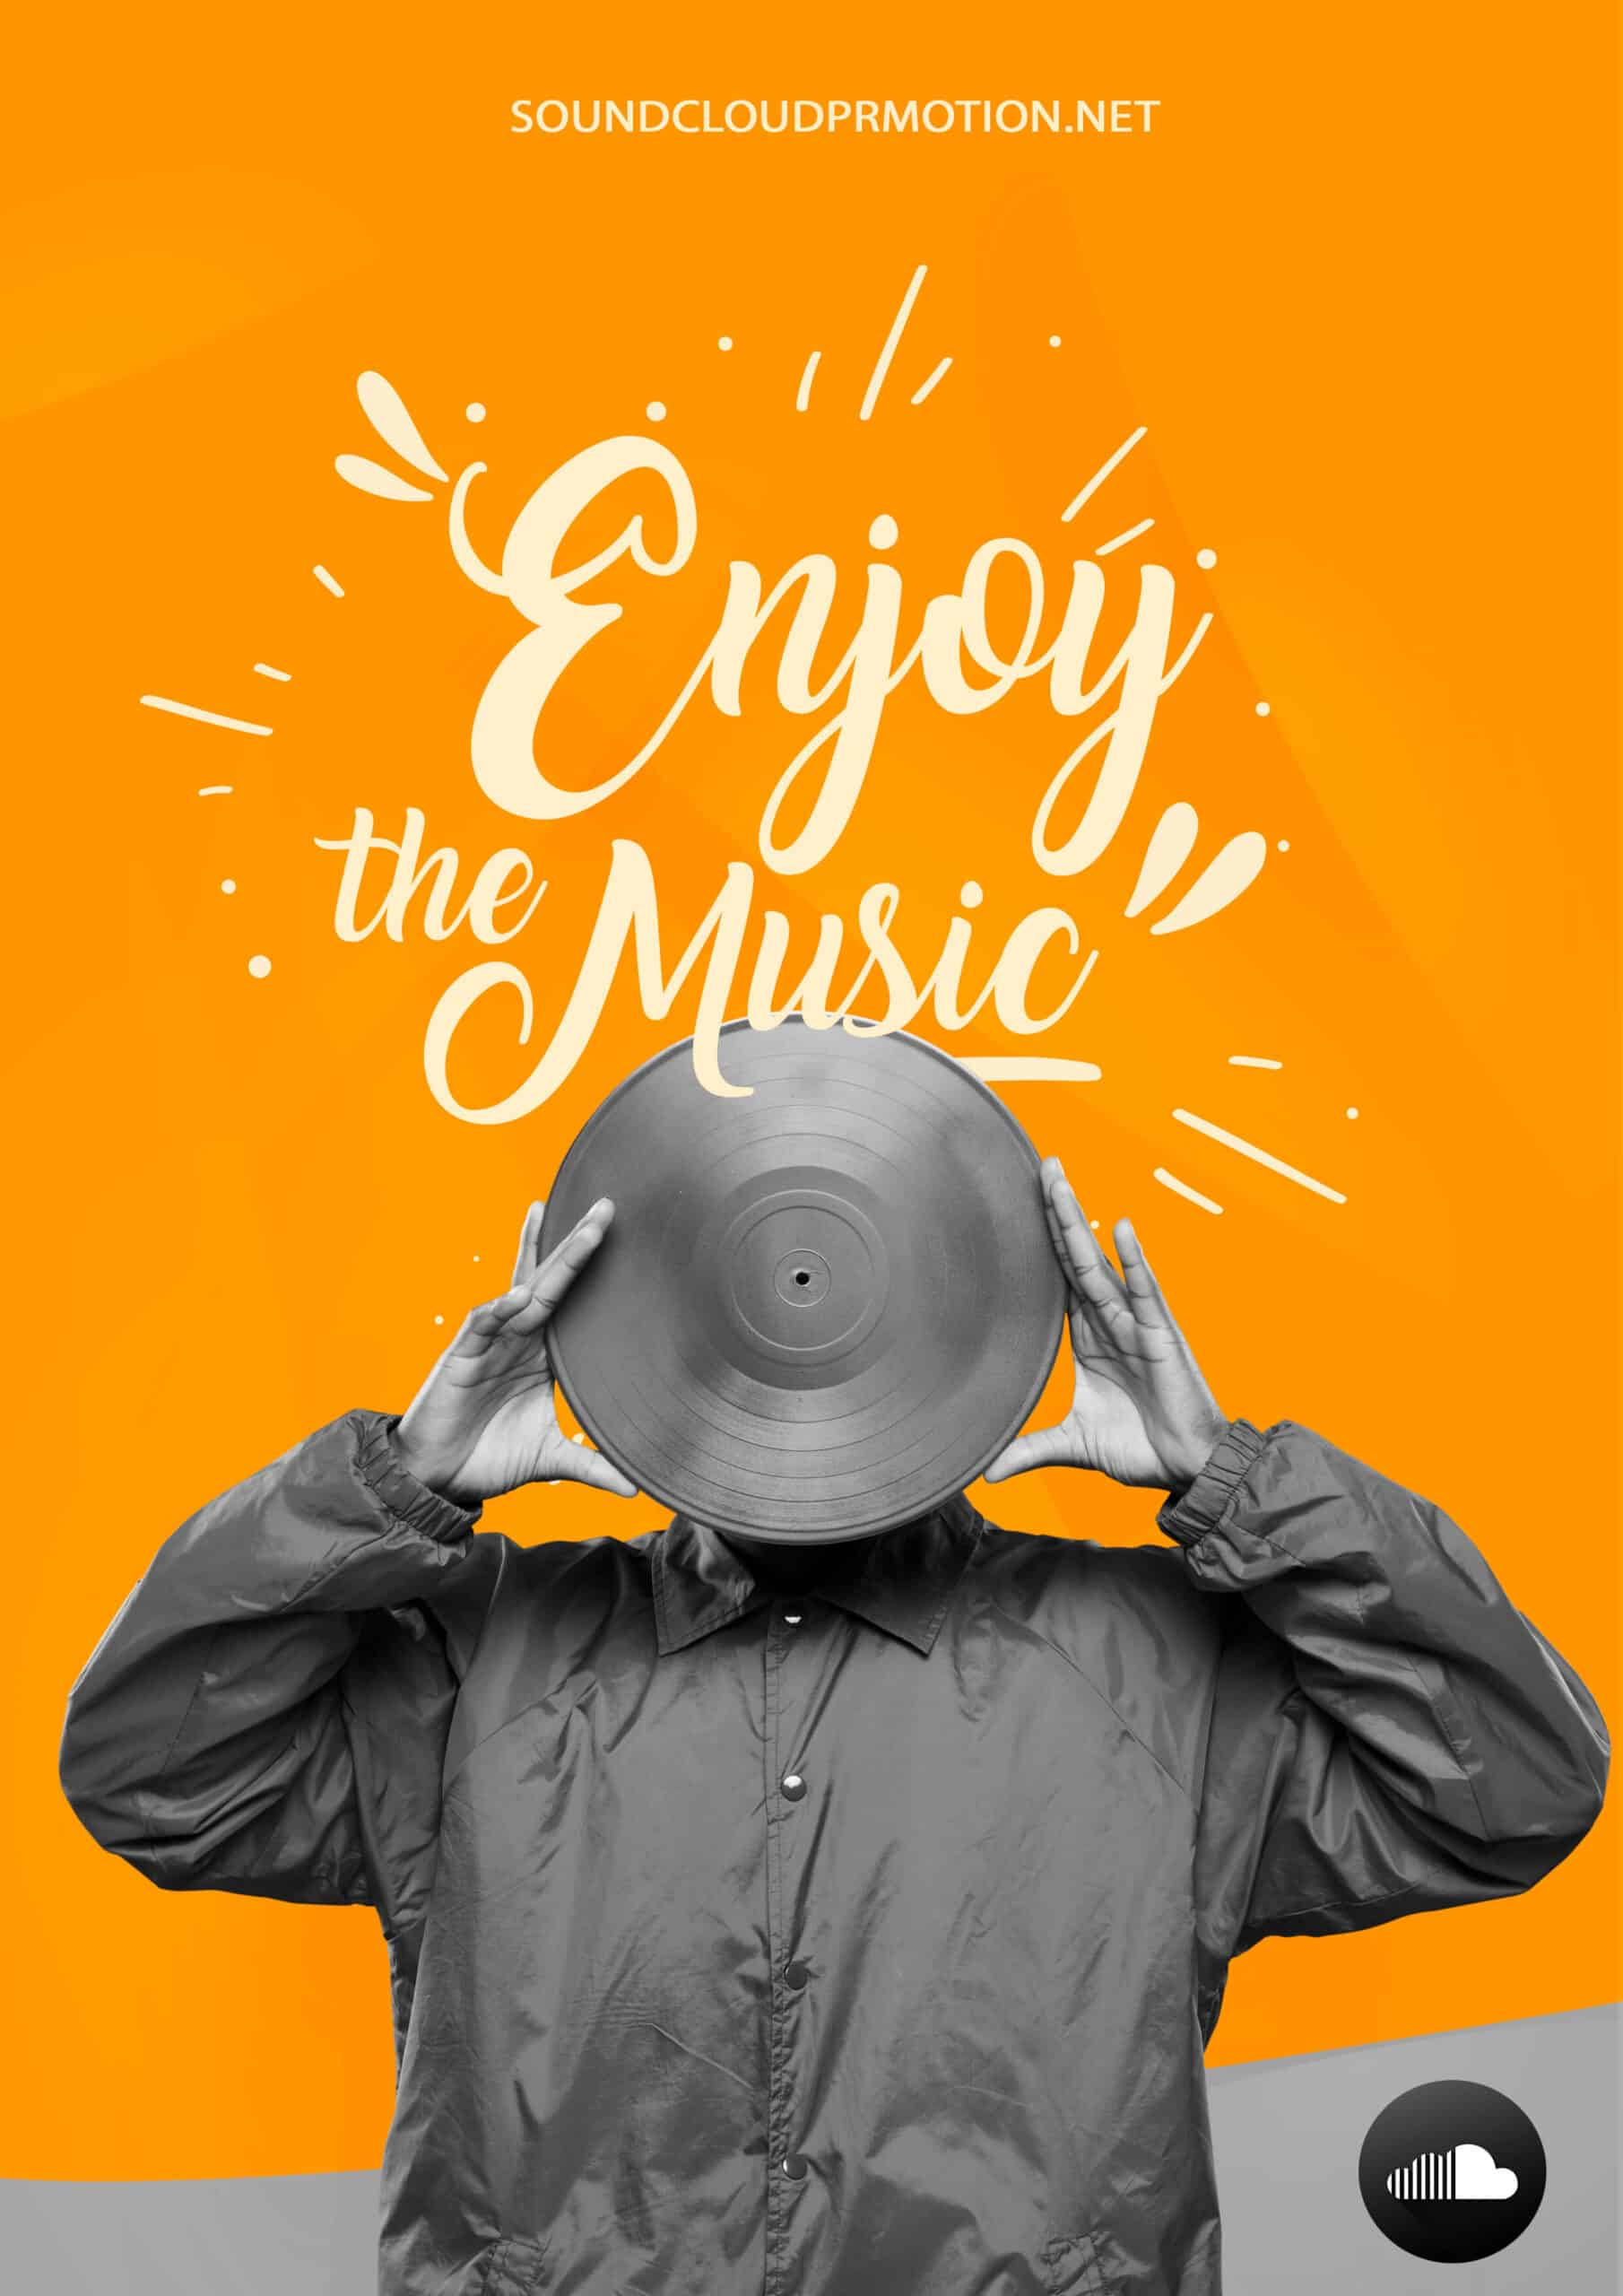 Soundcloud promotion Enjoy Music